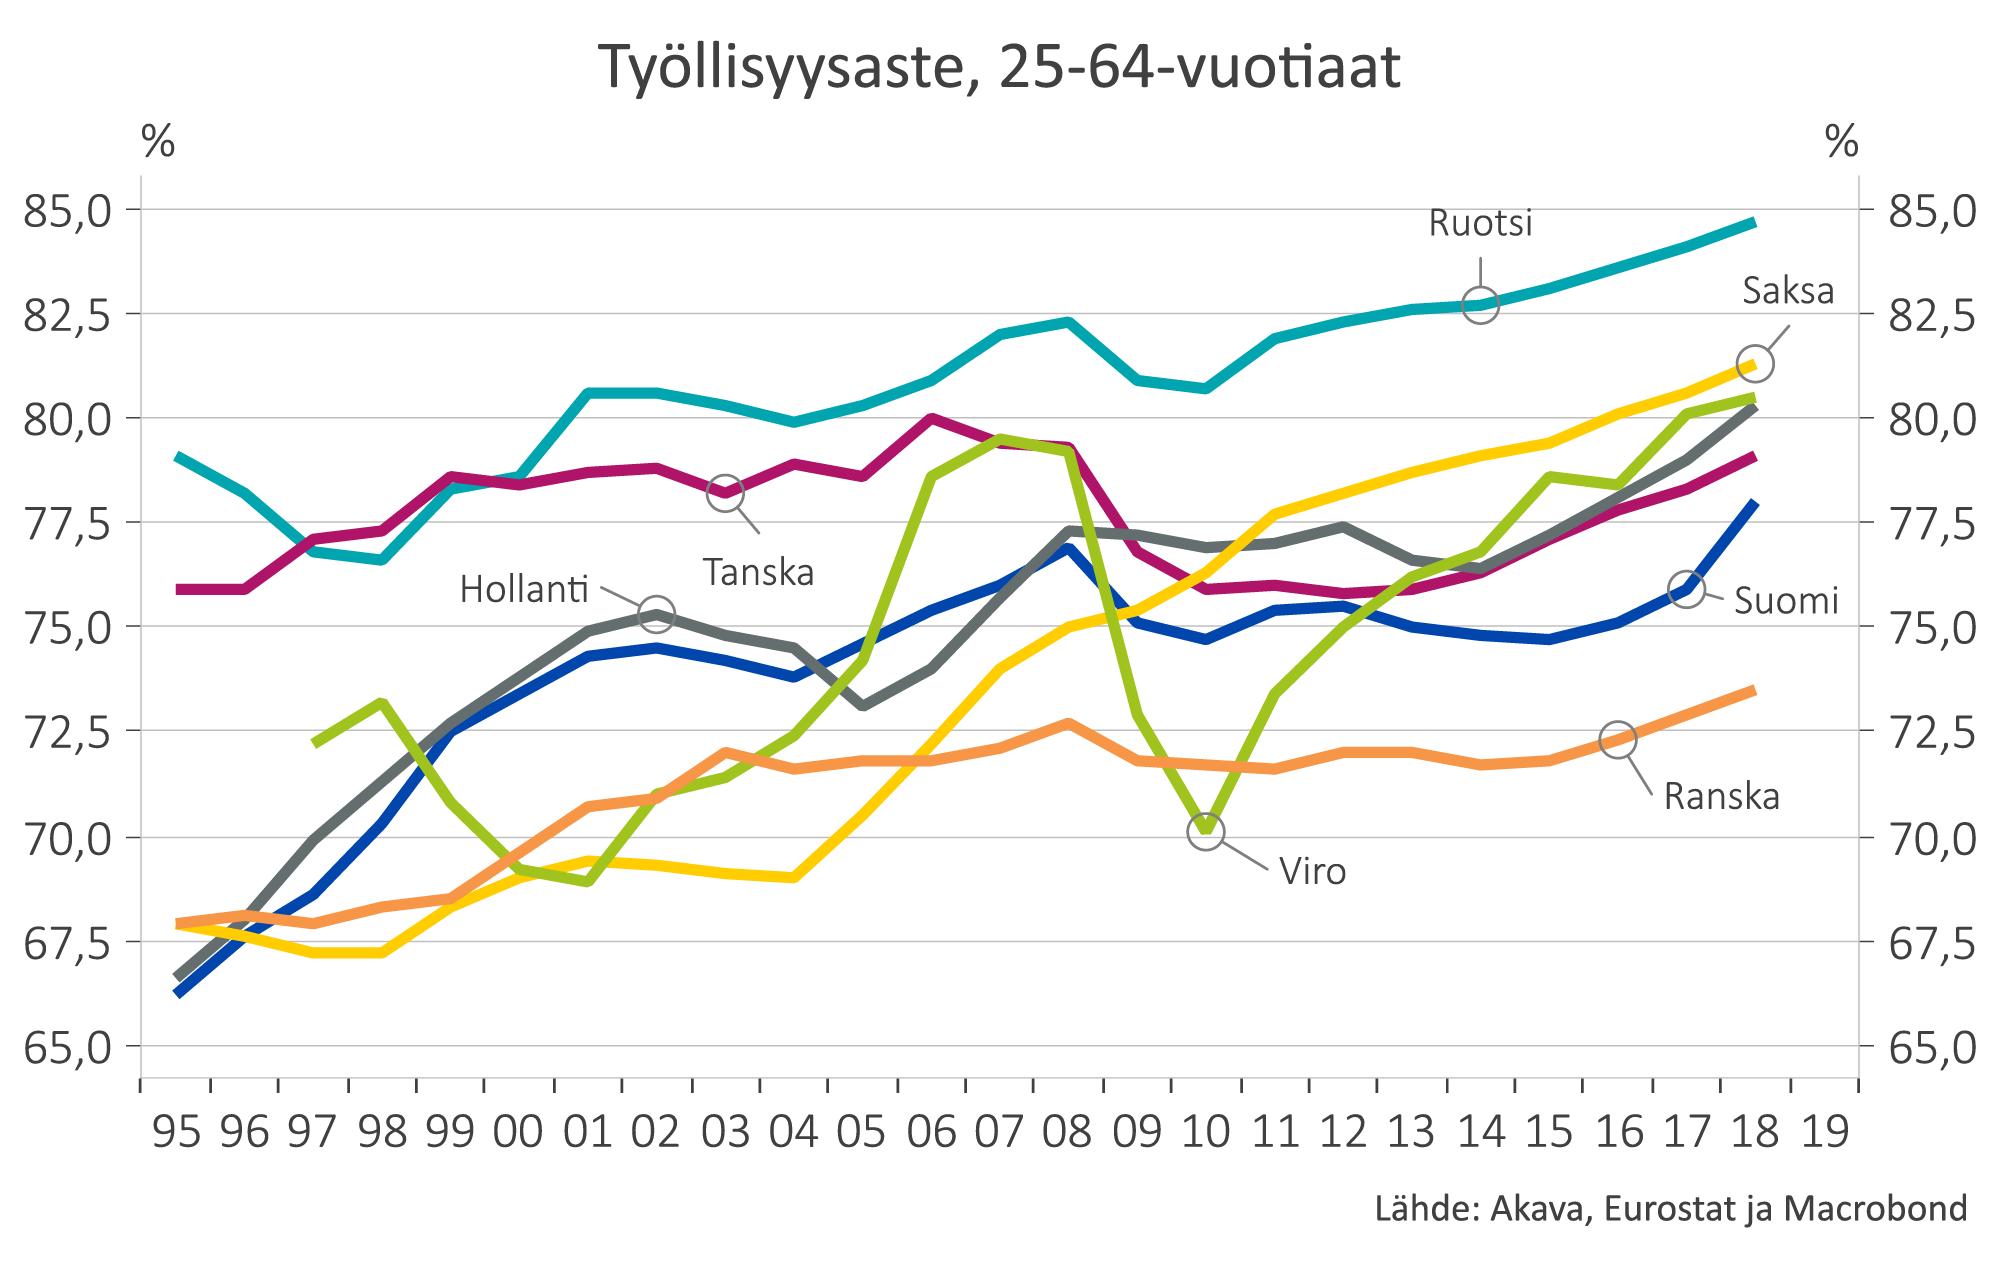 Kuvaaja: Työllisyysaste eri maissa - 25-64 -vuotiaat